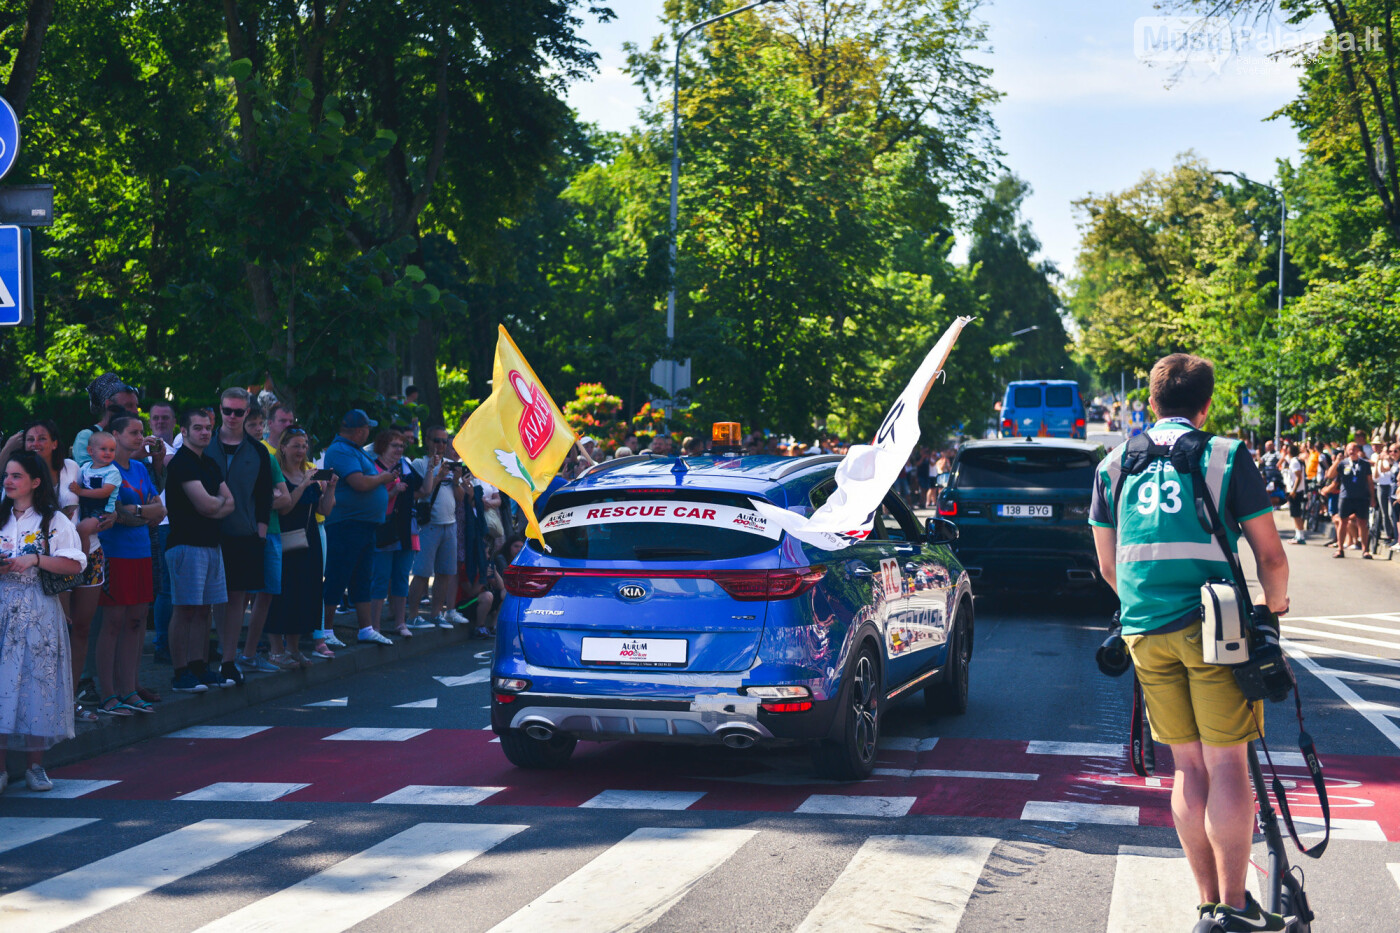 """Palanga alsuoja """"Aurum 1006 km lenktynių"""" ritmu, nuotrauka-111, Vytauto PILKAUSKO ir Arno STRUMILOS nuotr."""